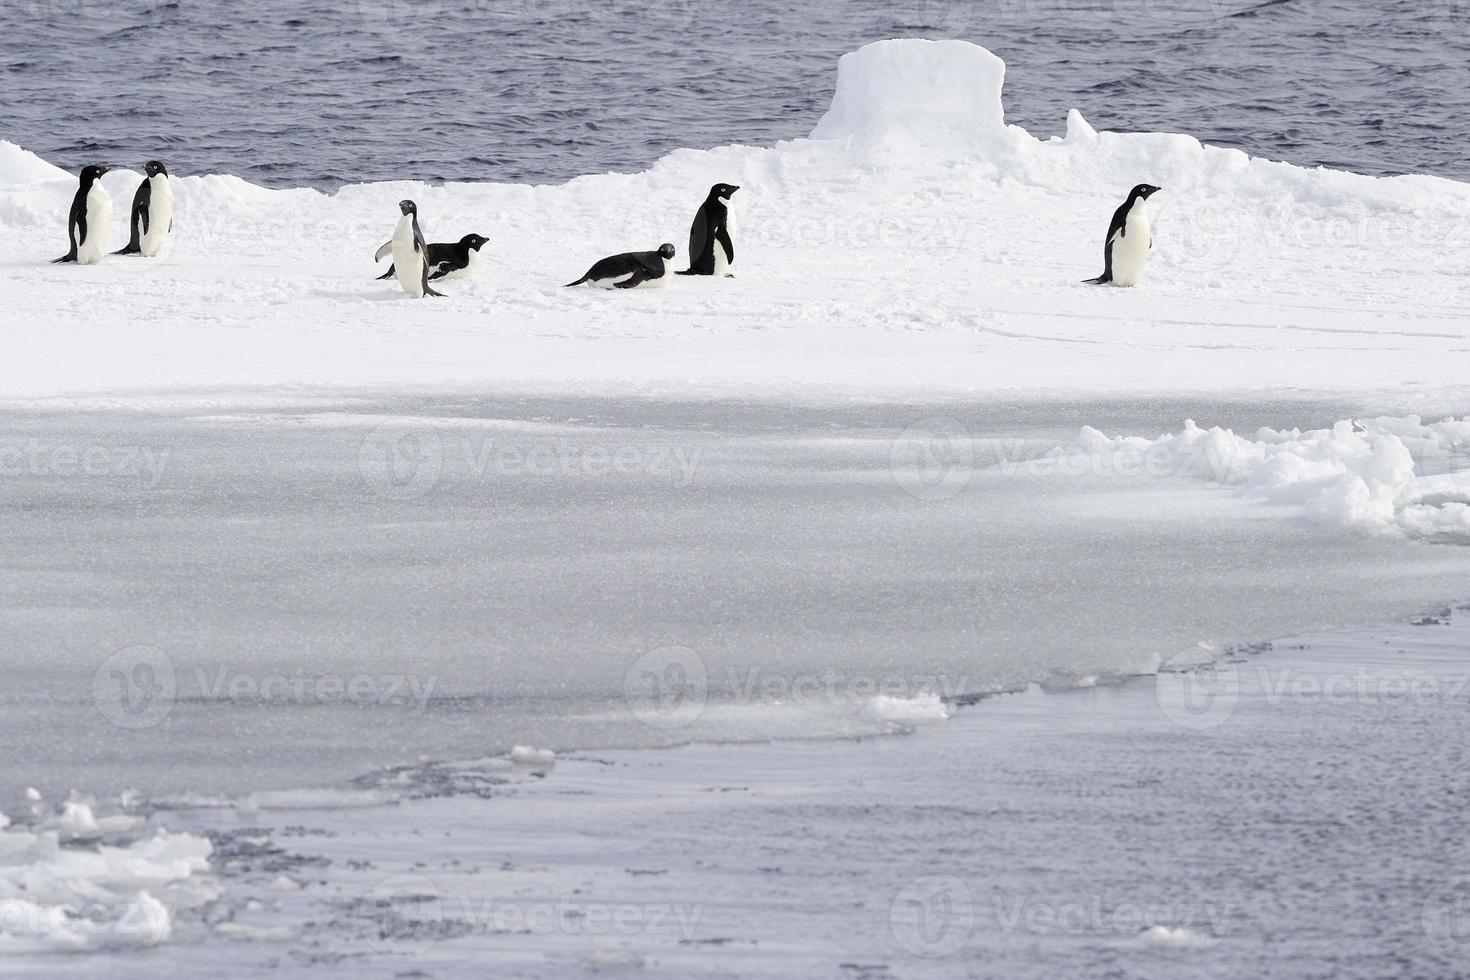 pinguini adelie e ghiaccio. foto